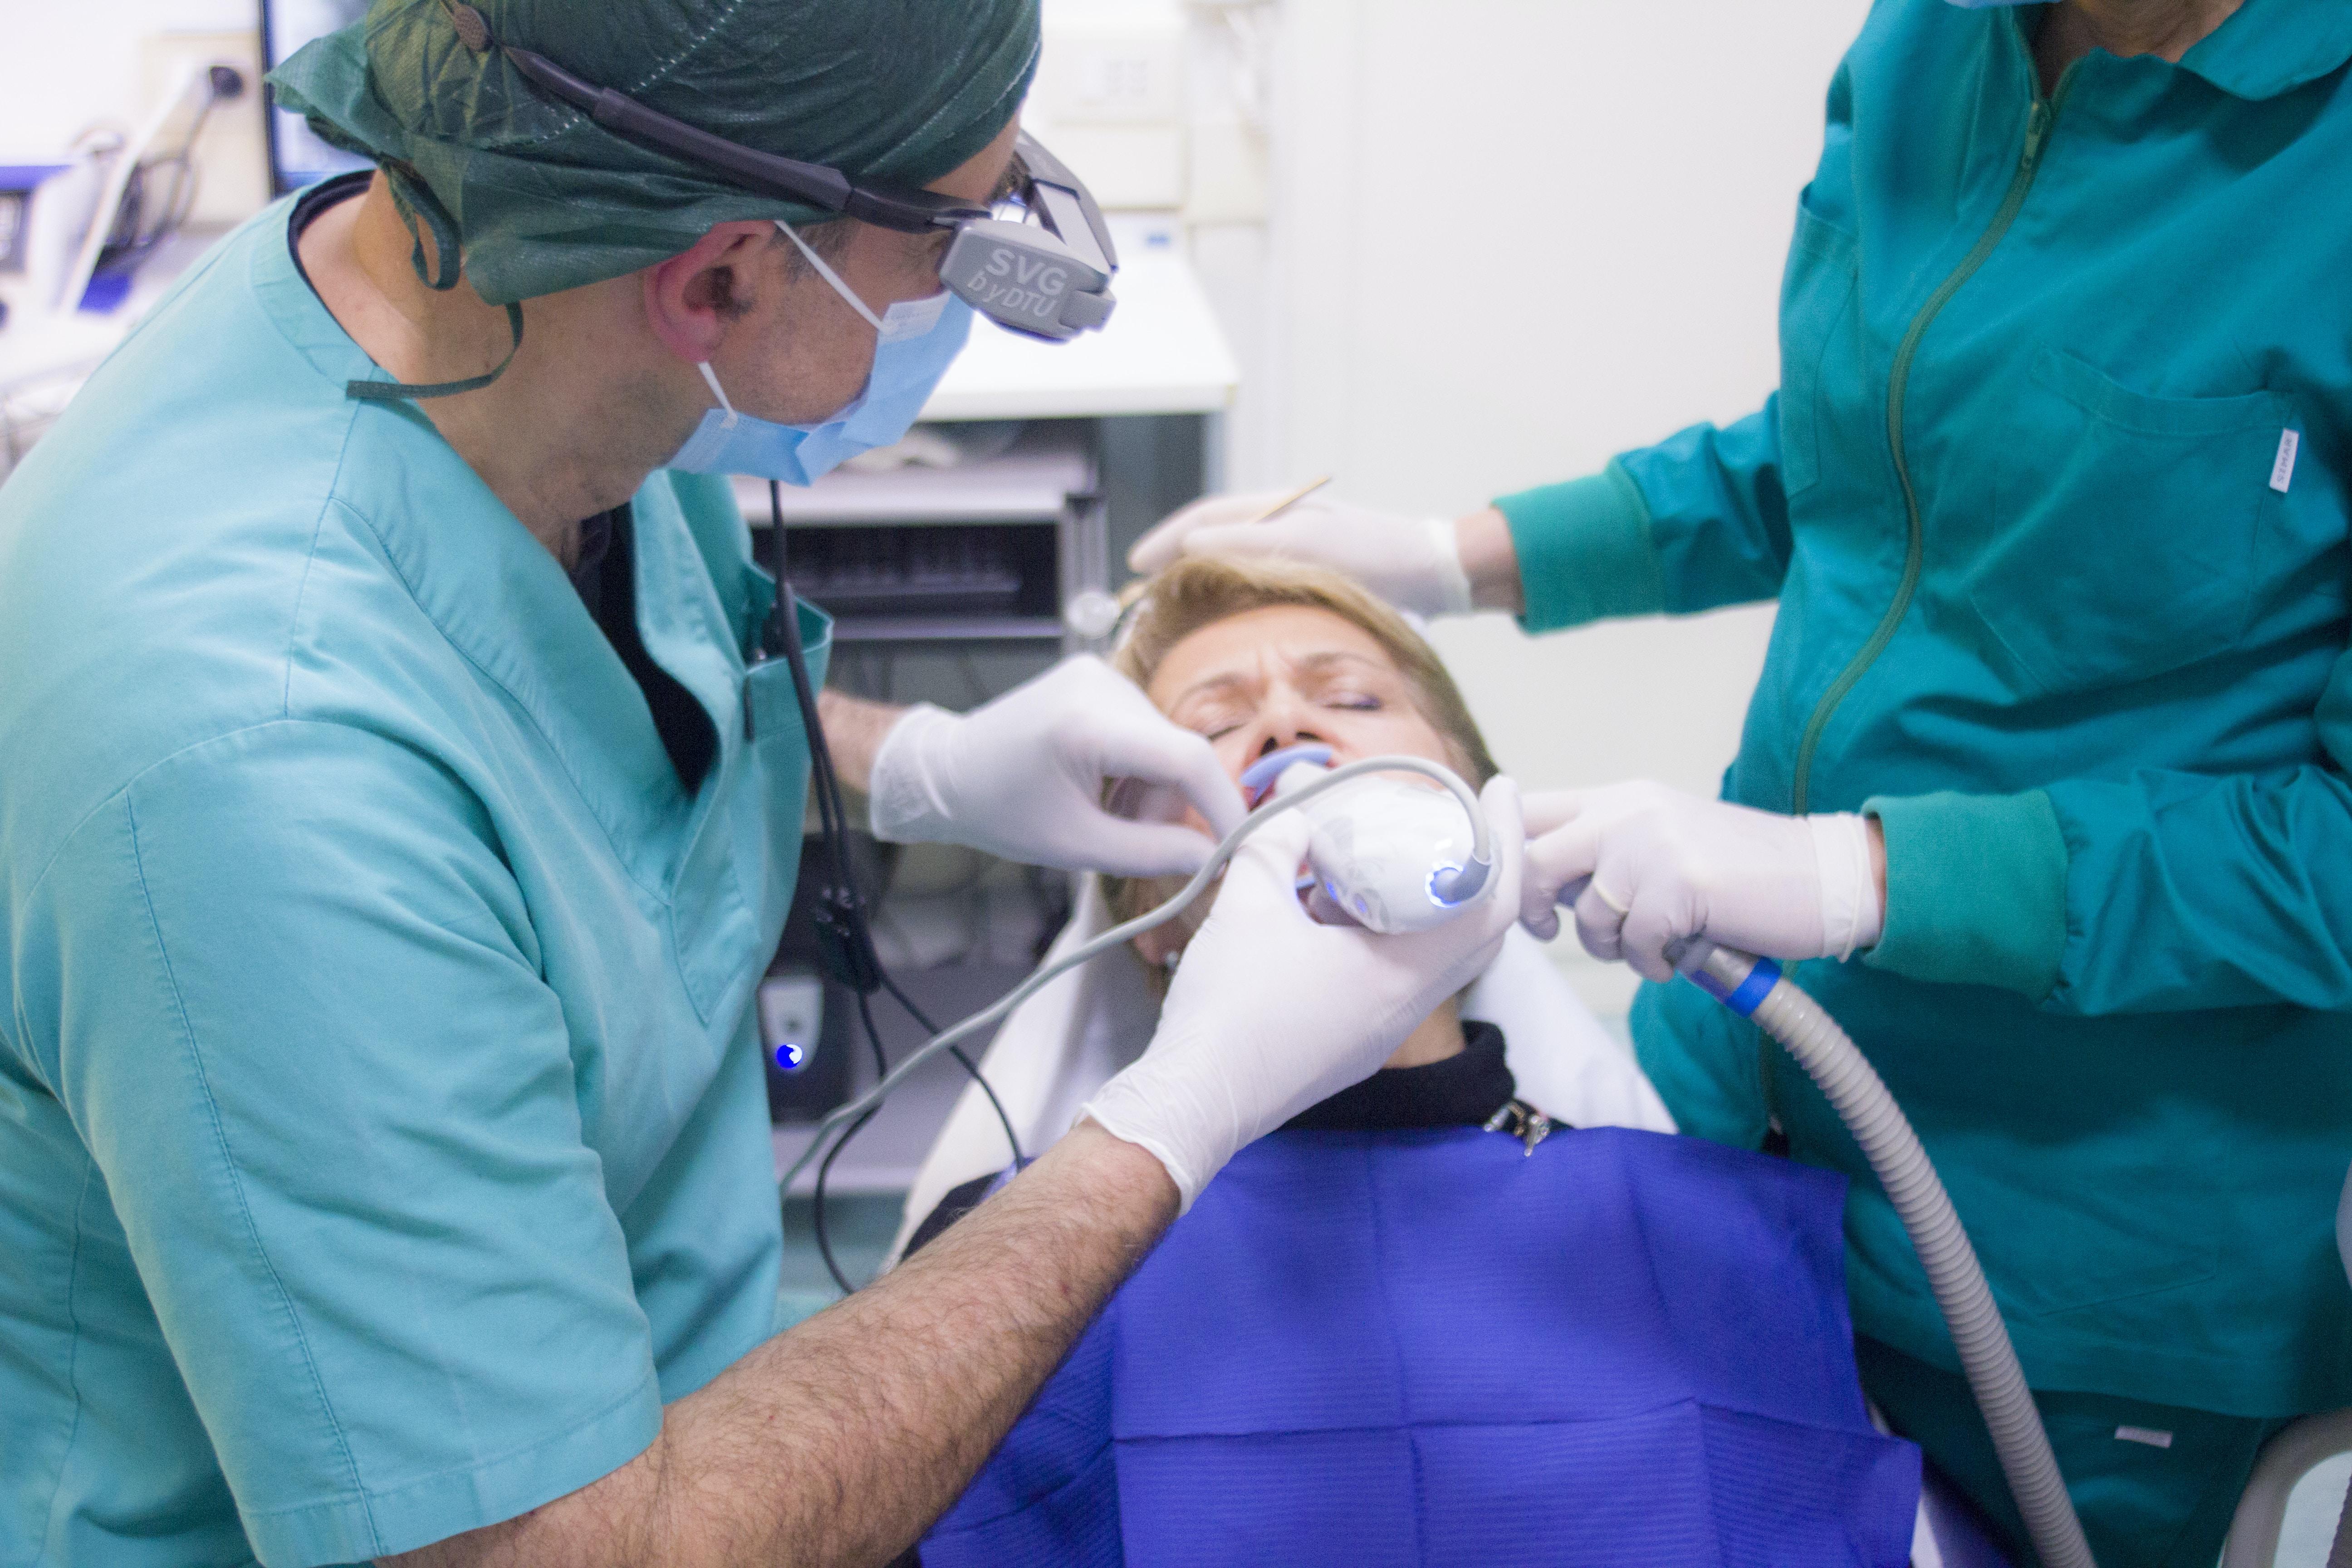 牙齦紅腫流血?小心牙齒小命不保!教你如何預防與判斷牙周病